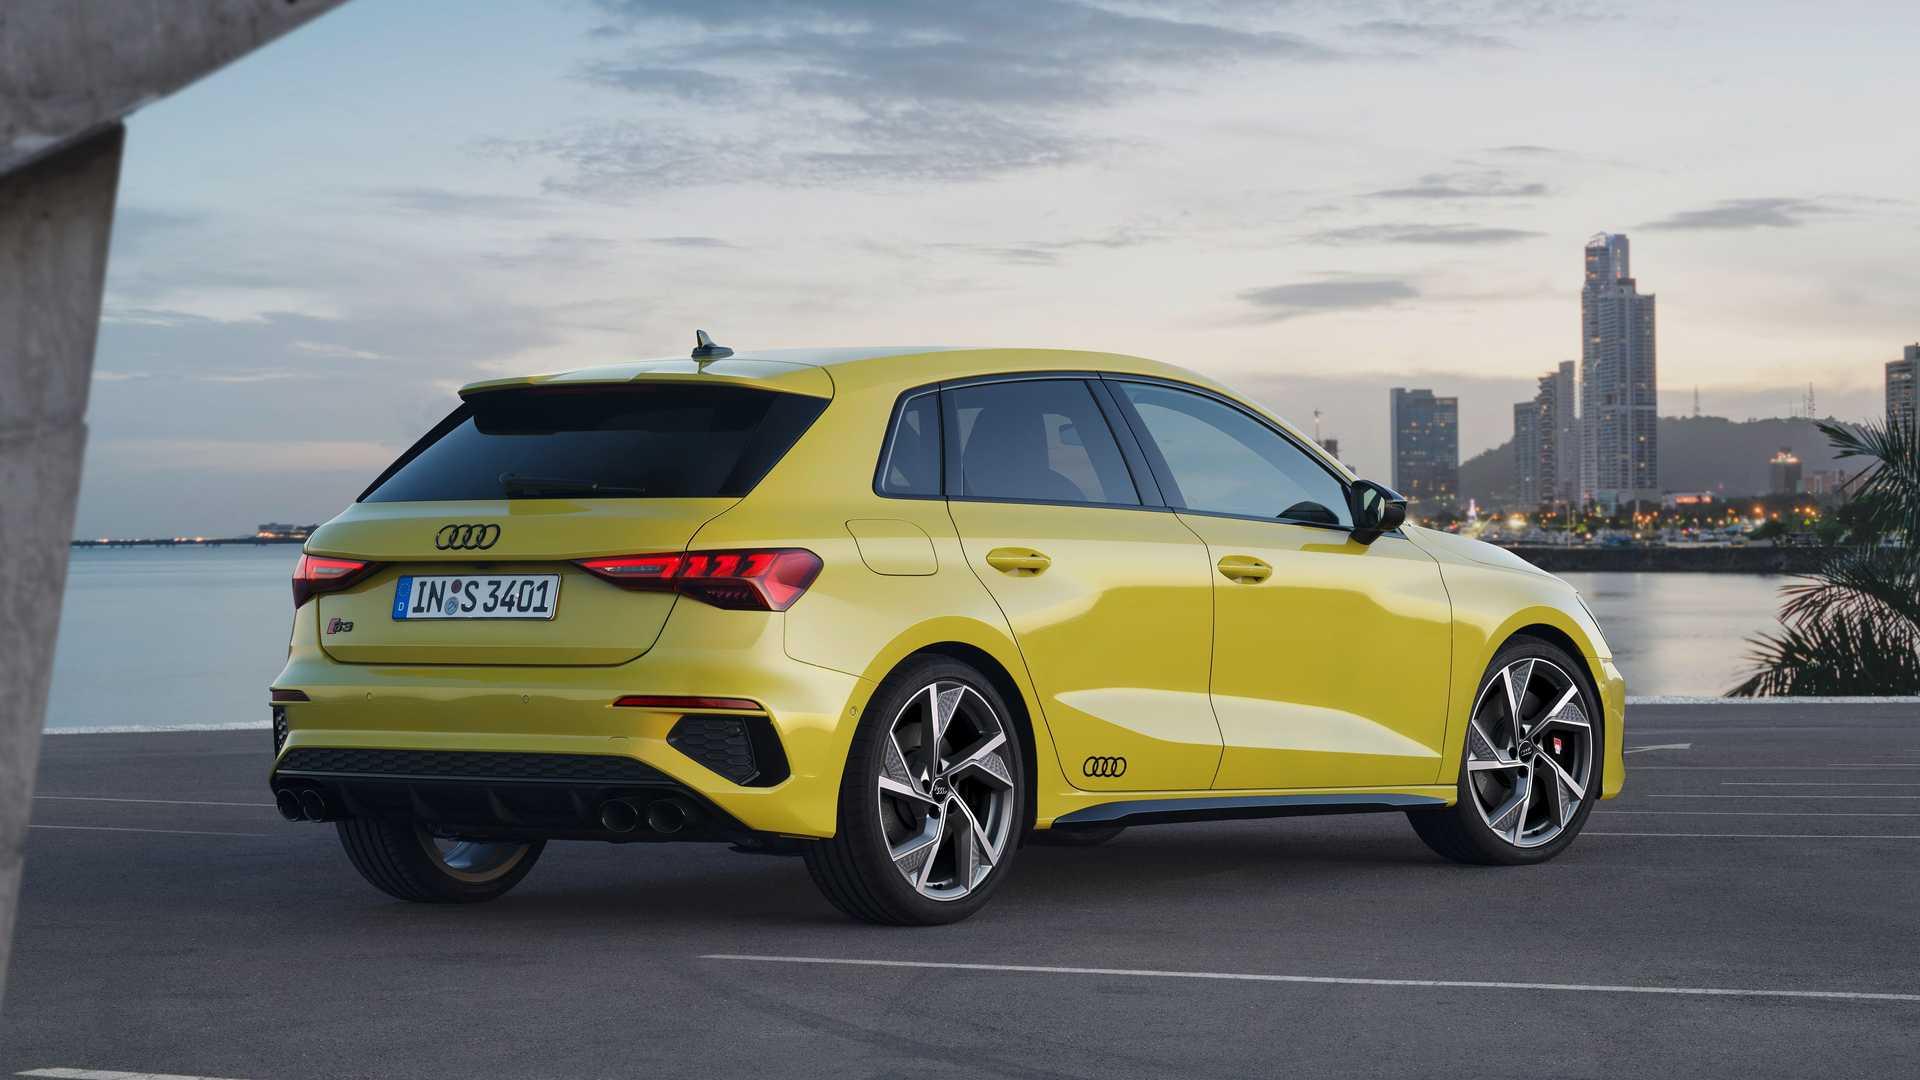 มาชม Audi S3 2021